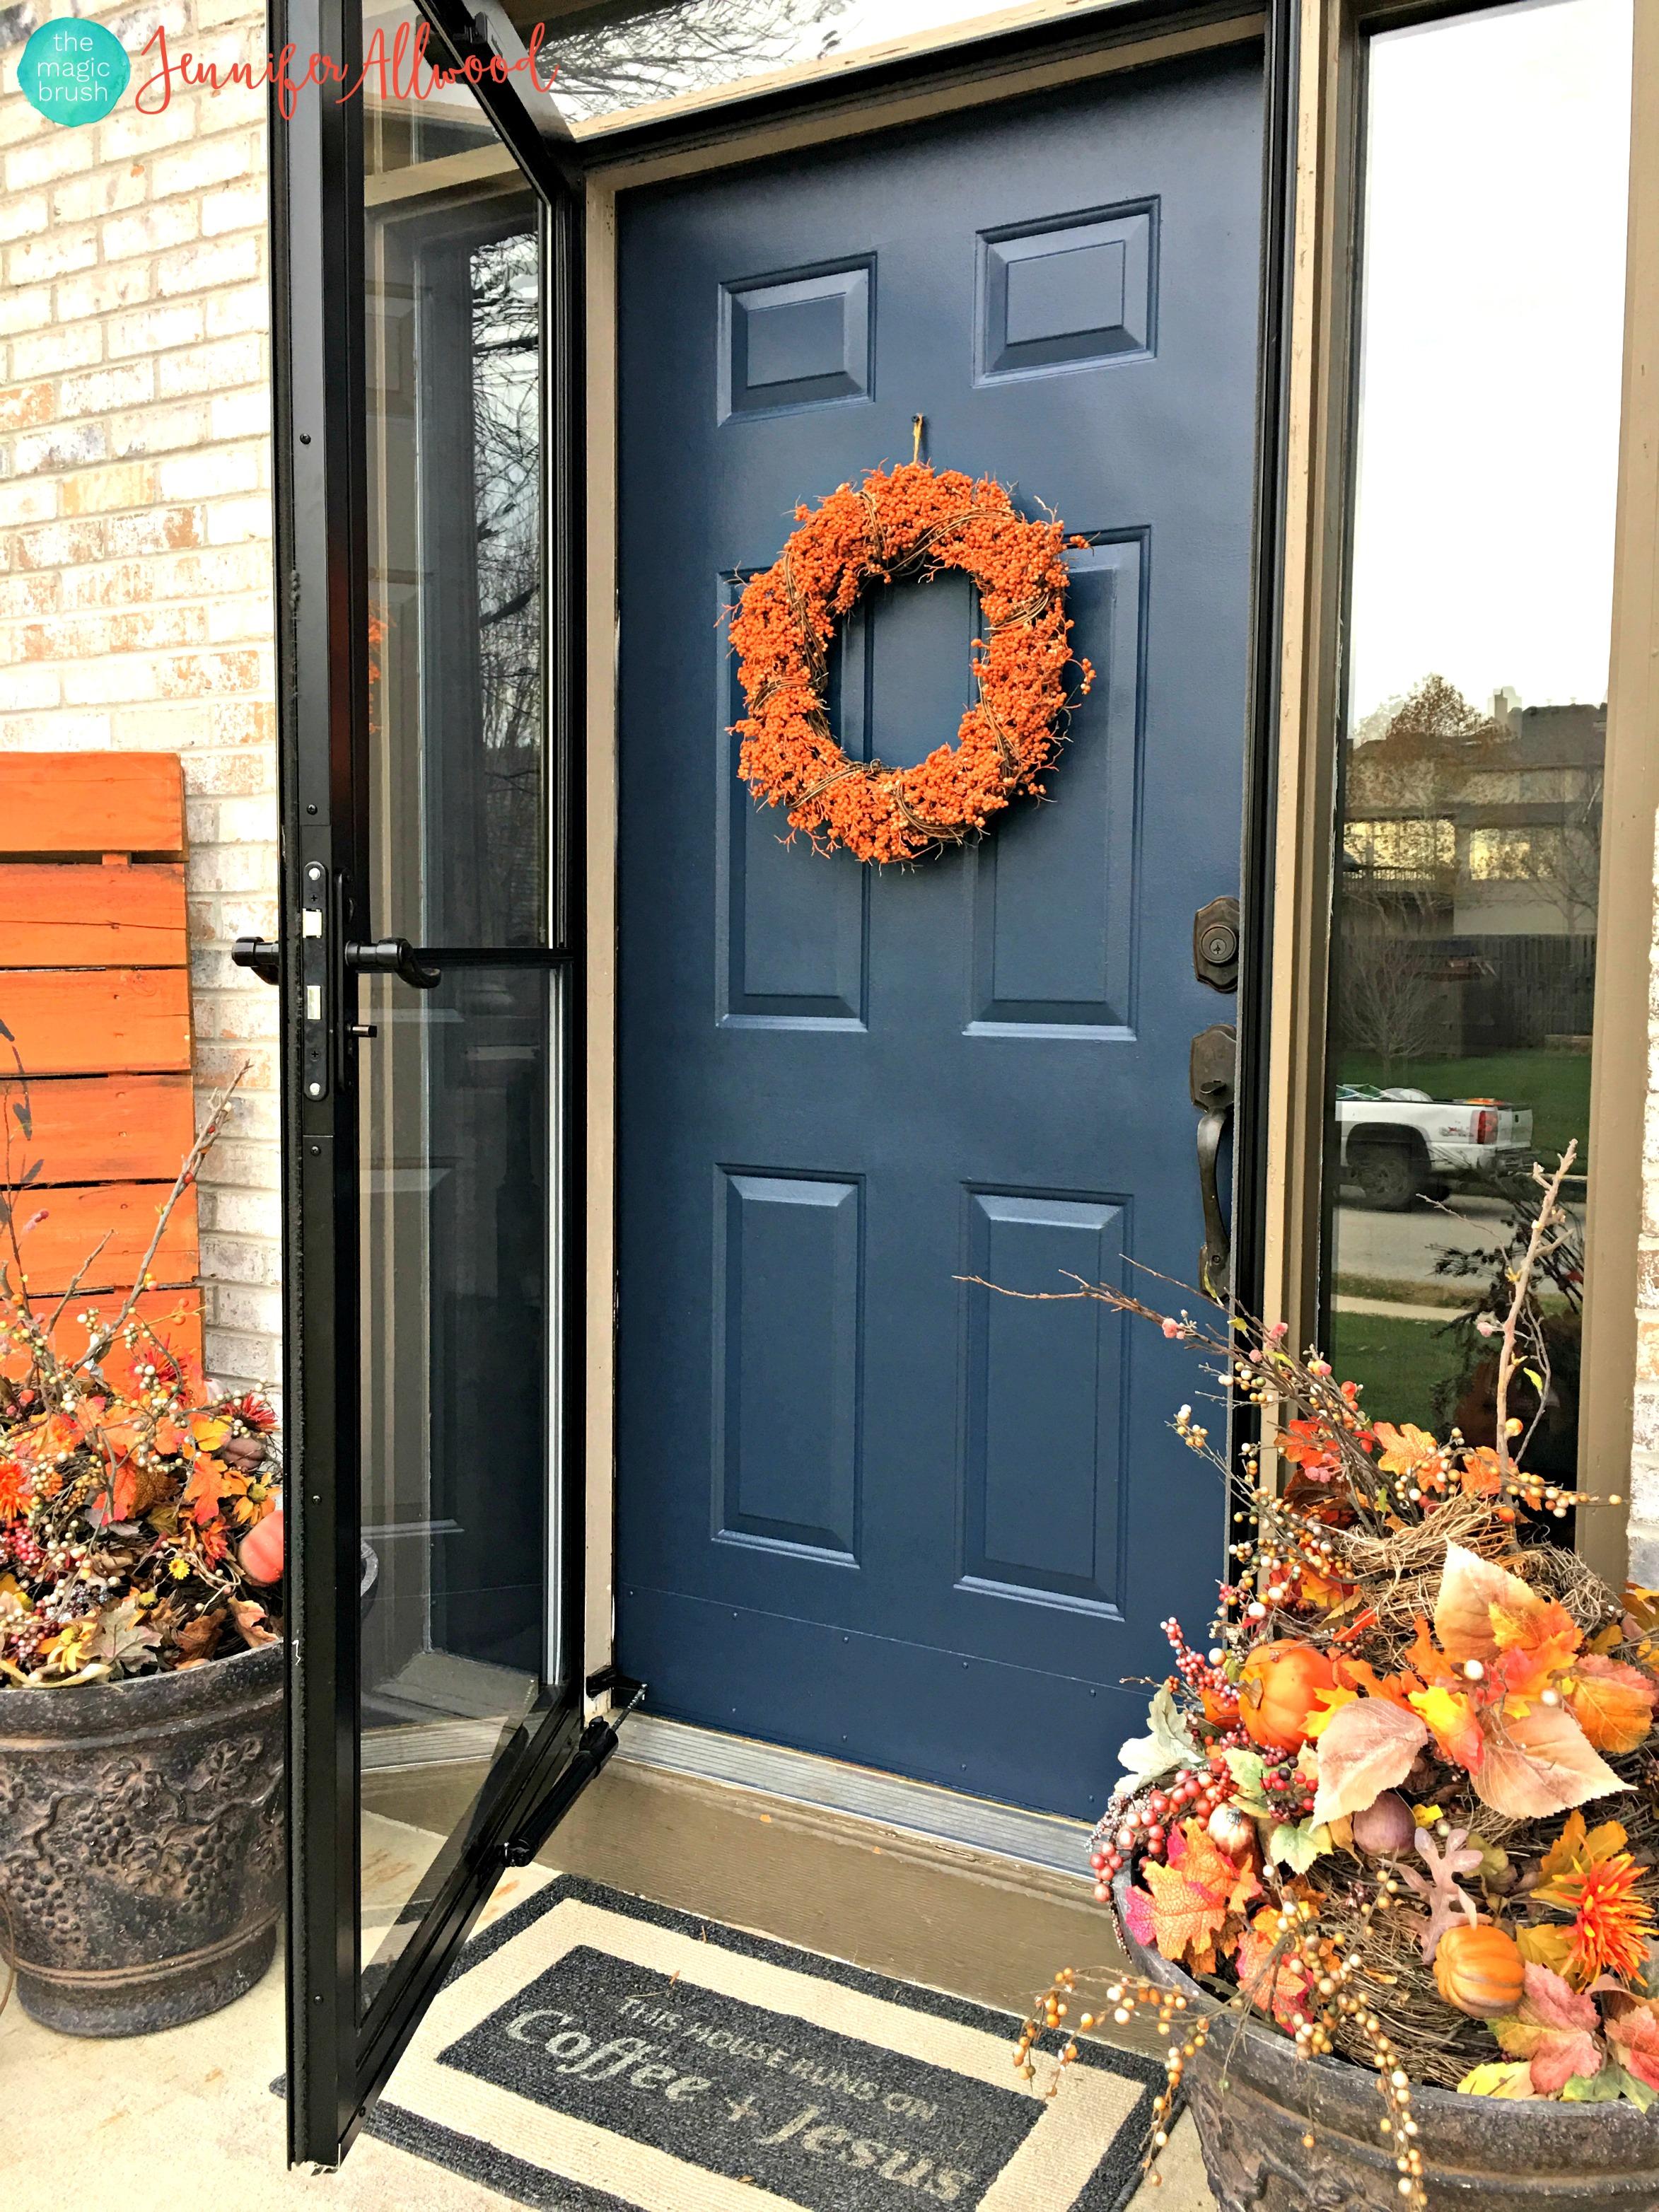 Steps to repaint your front door FAST!